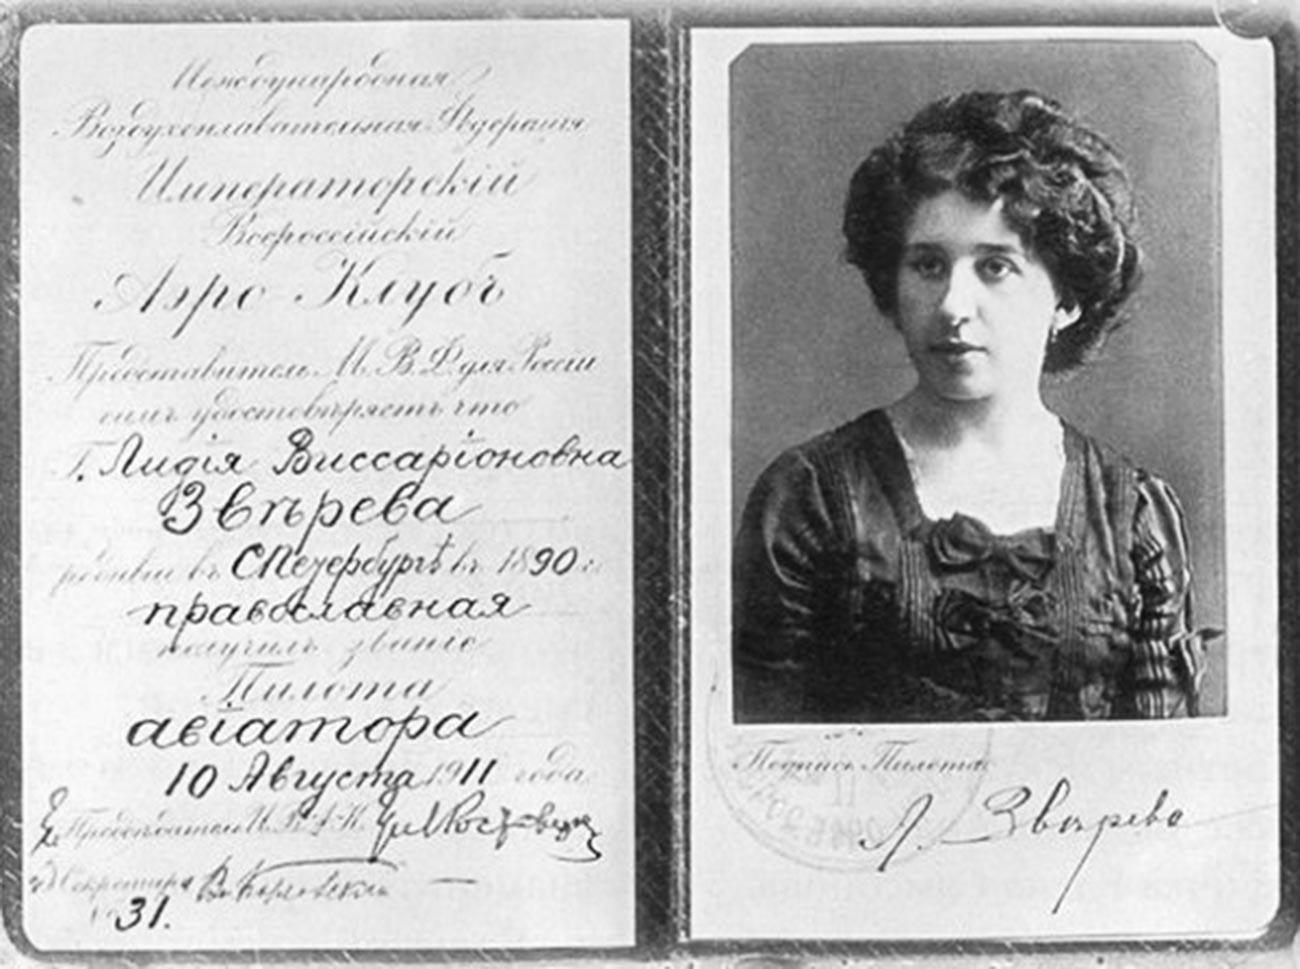 L. V. Zvereva. Avijatorska diploma.